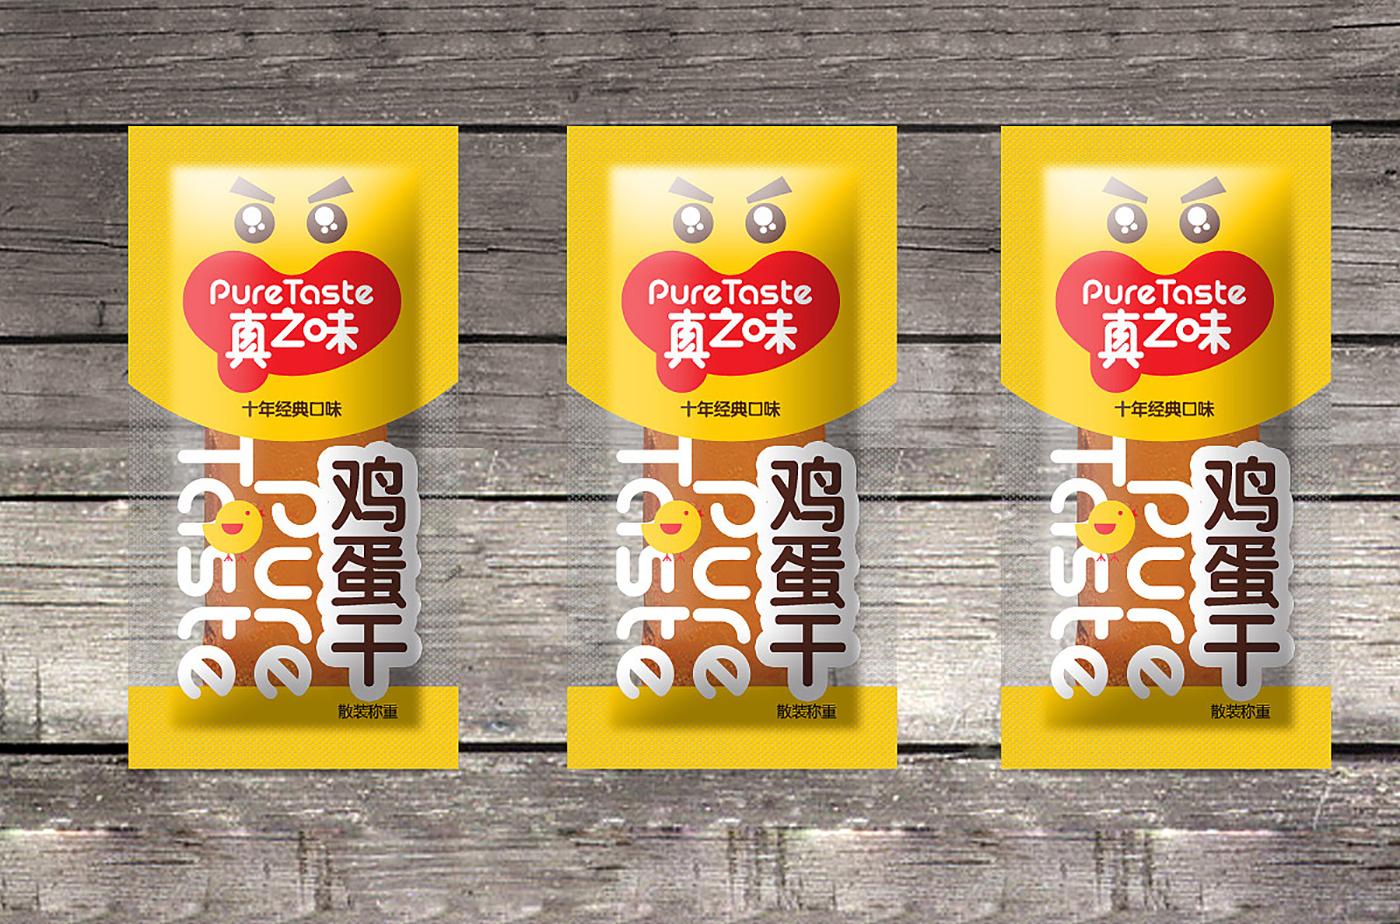 真之味食品(福建)有限公司食品包装设计